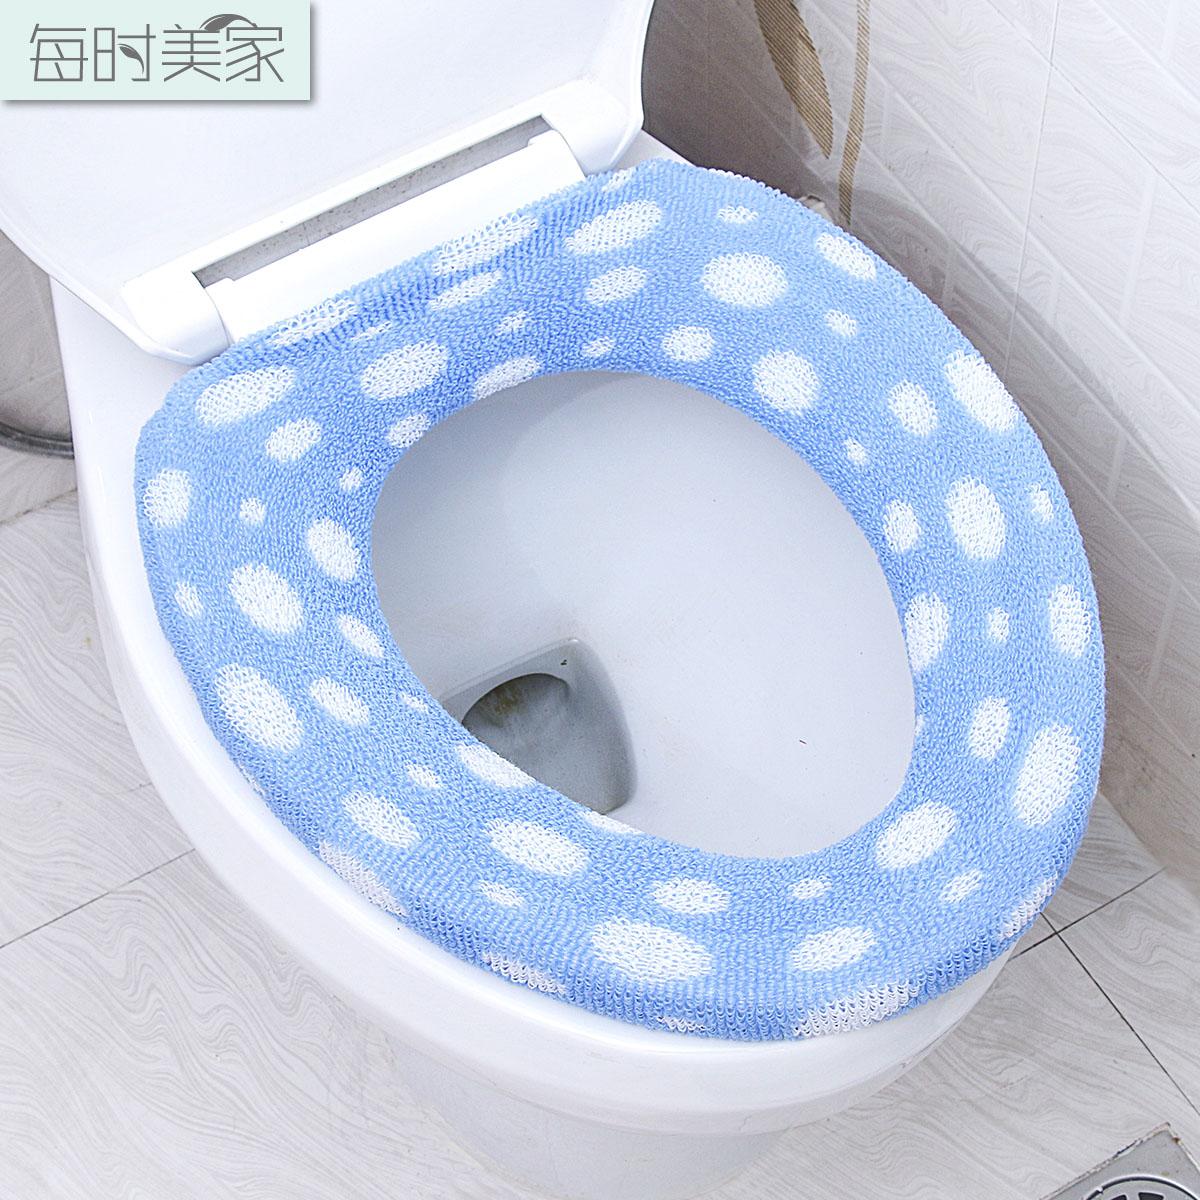 每时美家秋冬o型可水洗马桶垫KCMTD0009